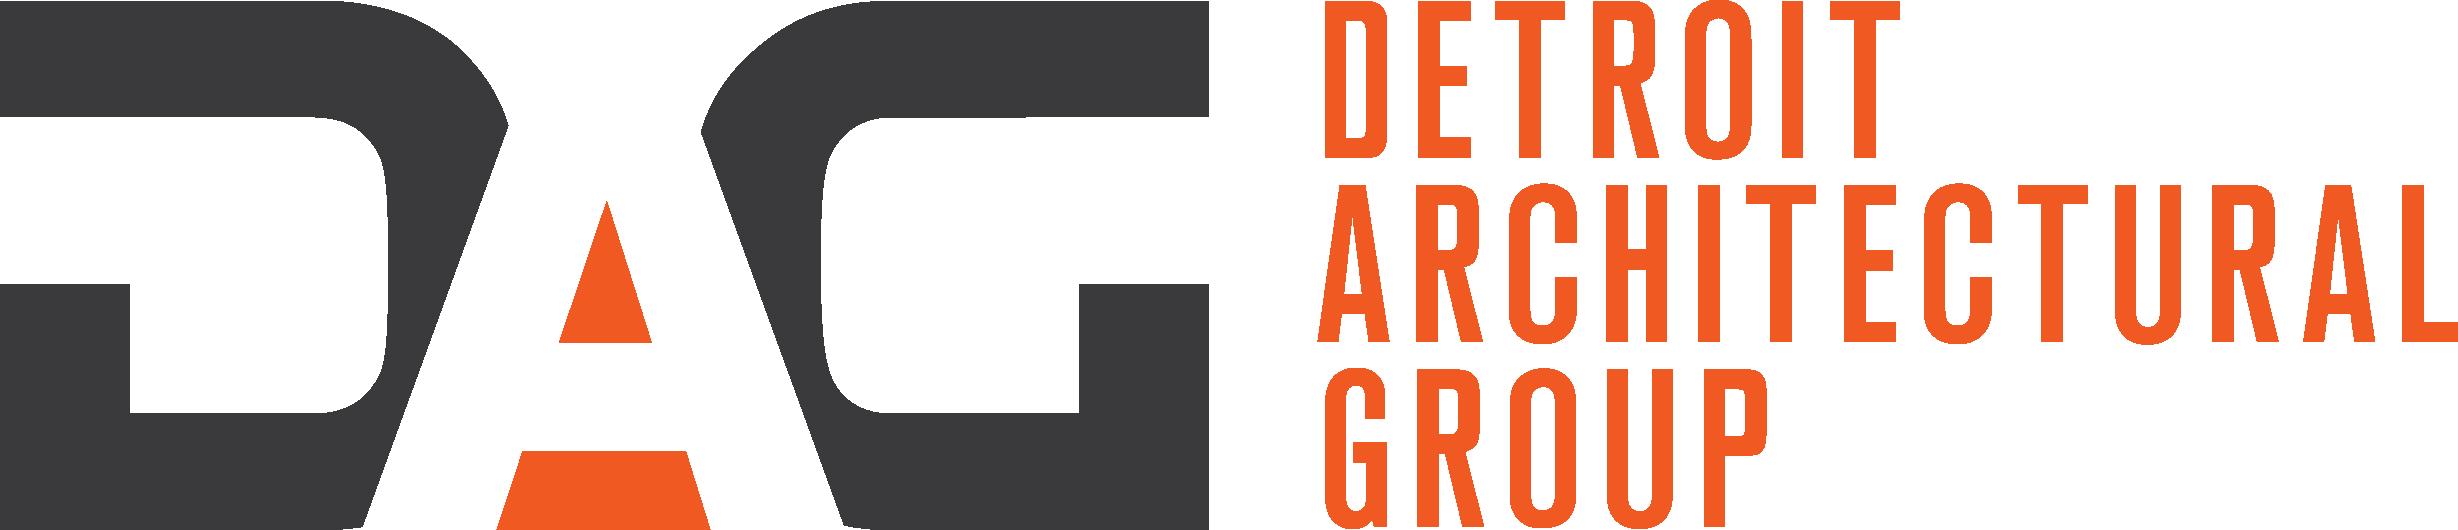 DETROIT ARCHITECTURAL GROUP